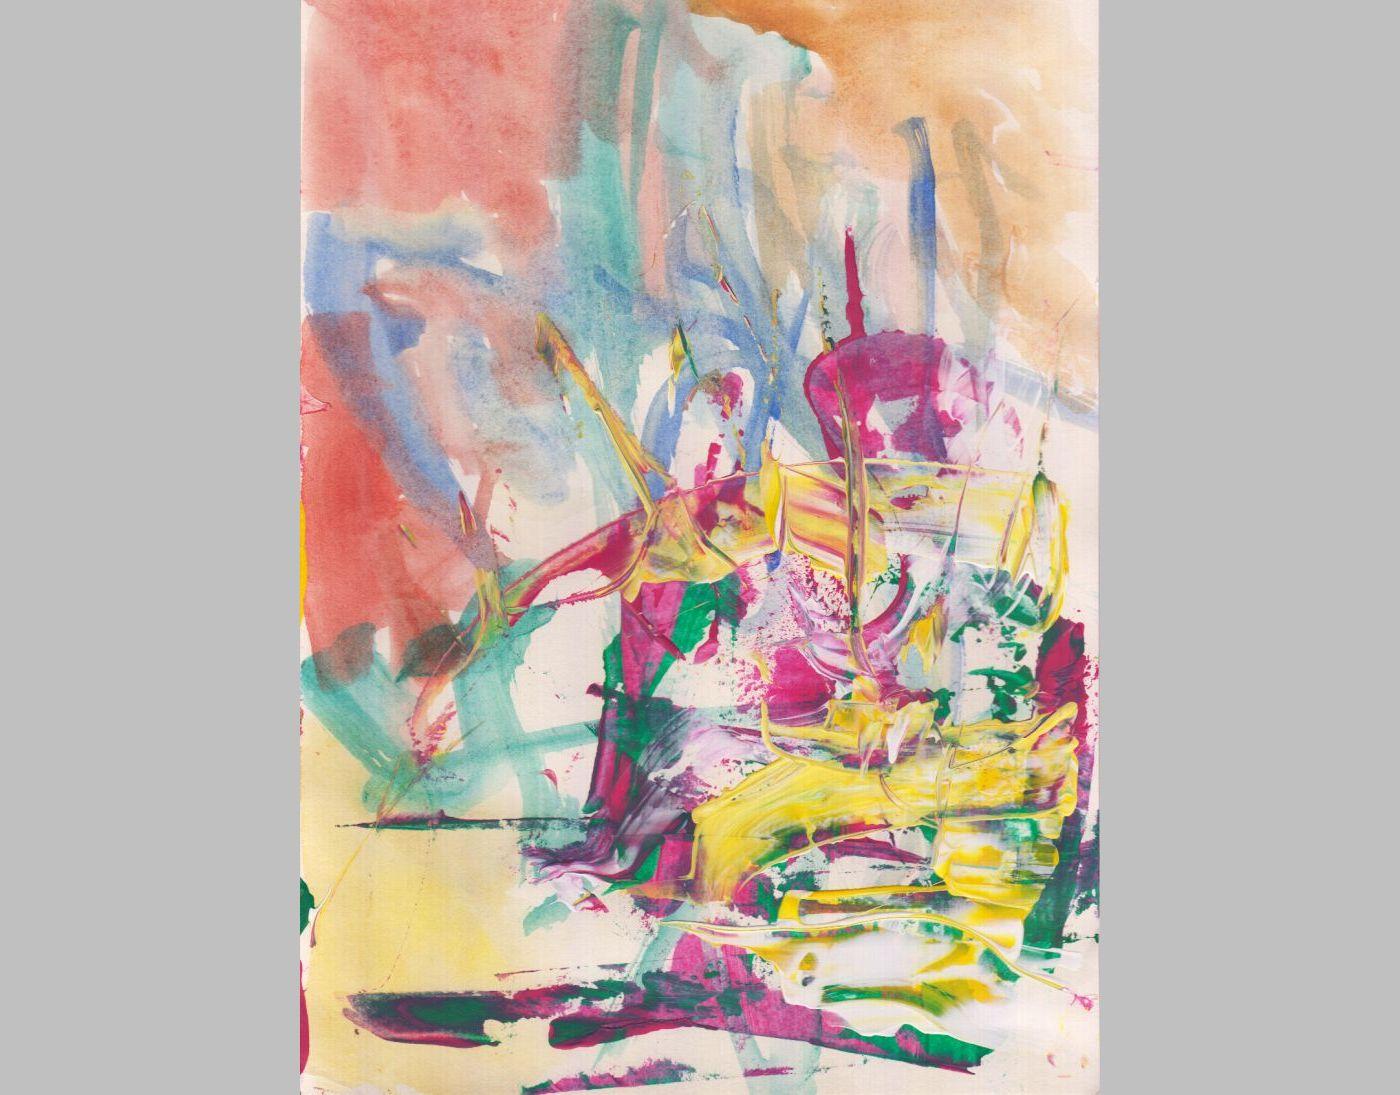 Ohne Titel (2014, 21 x 29,7 cm, A4) vergeben